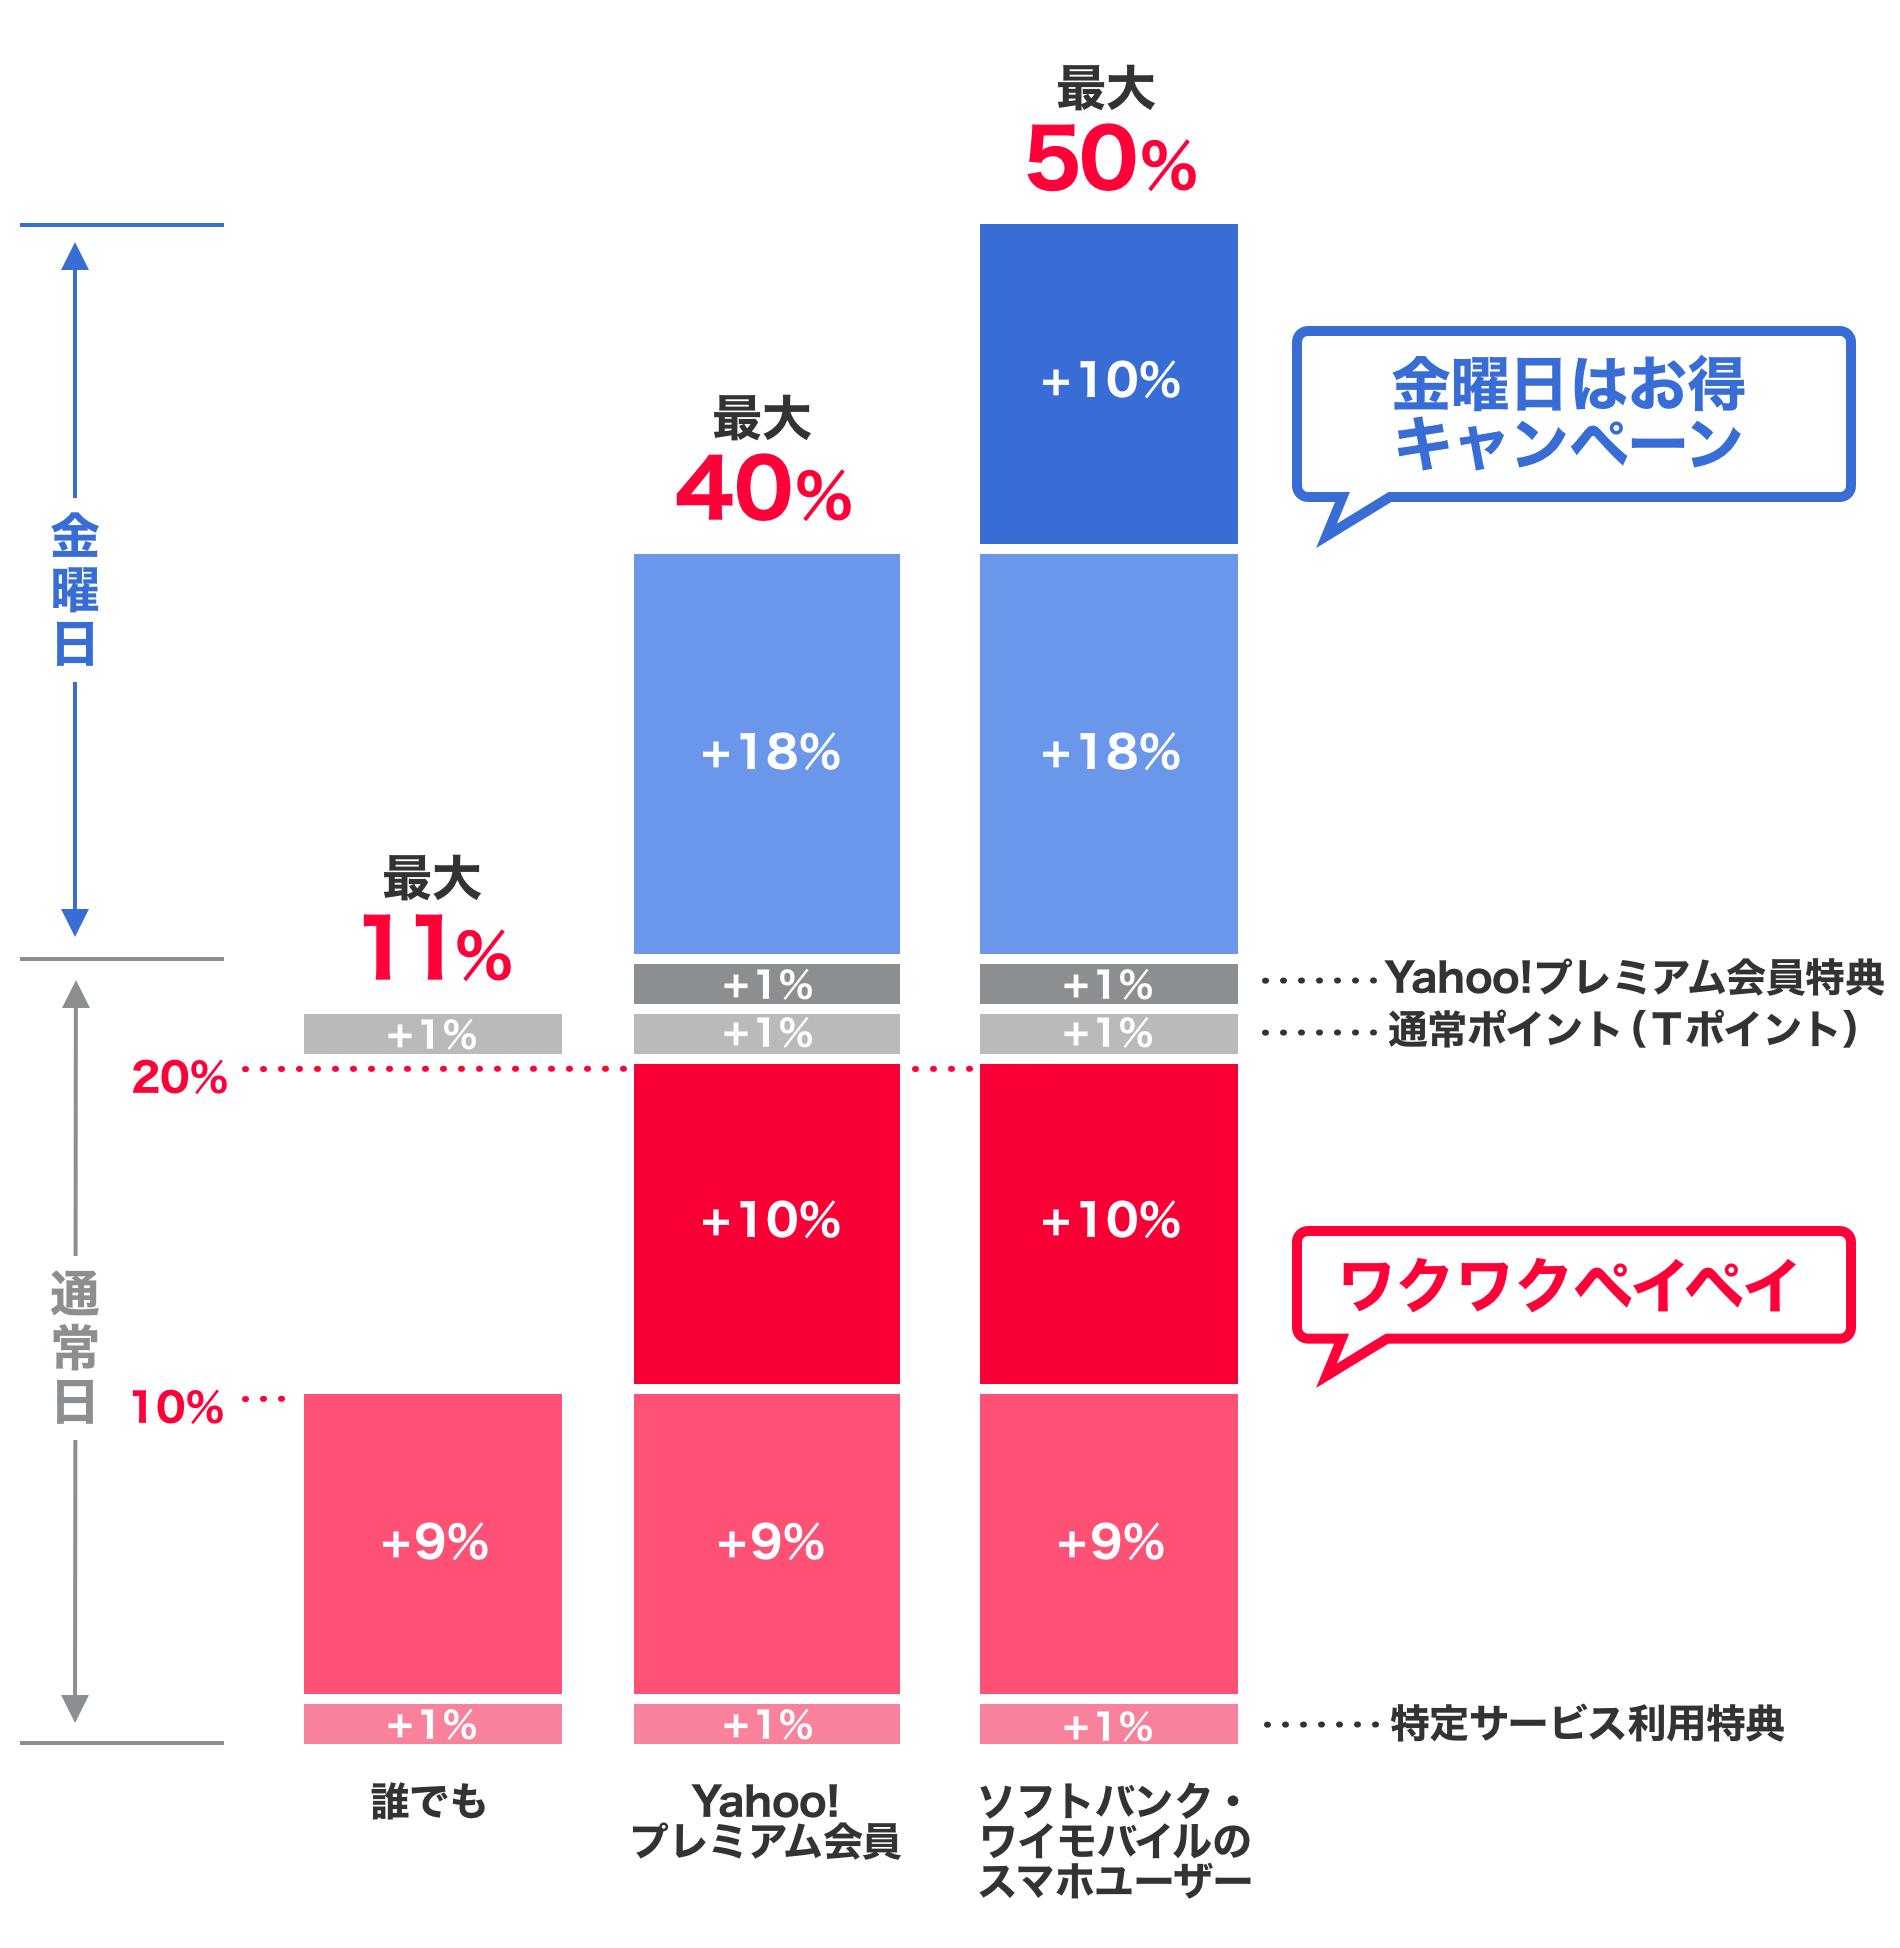 イー ブック ジャパン ヤフー